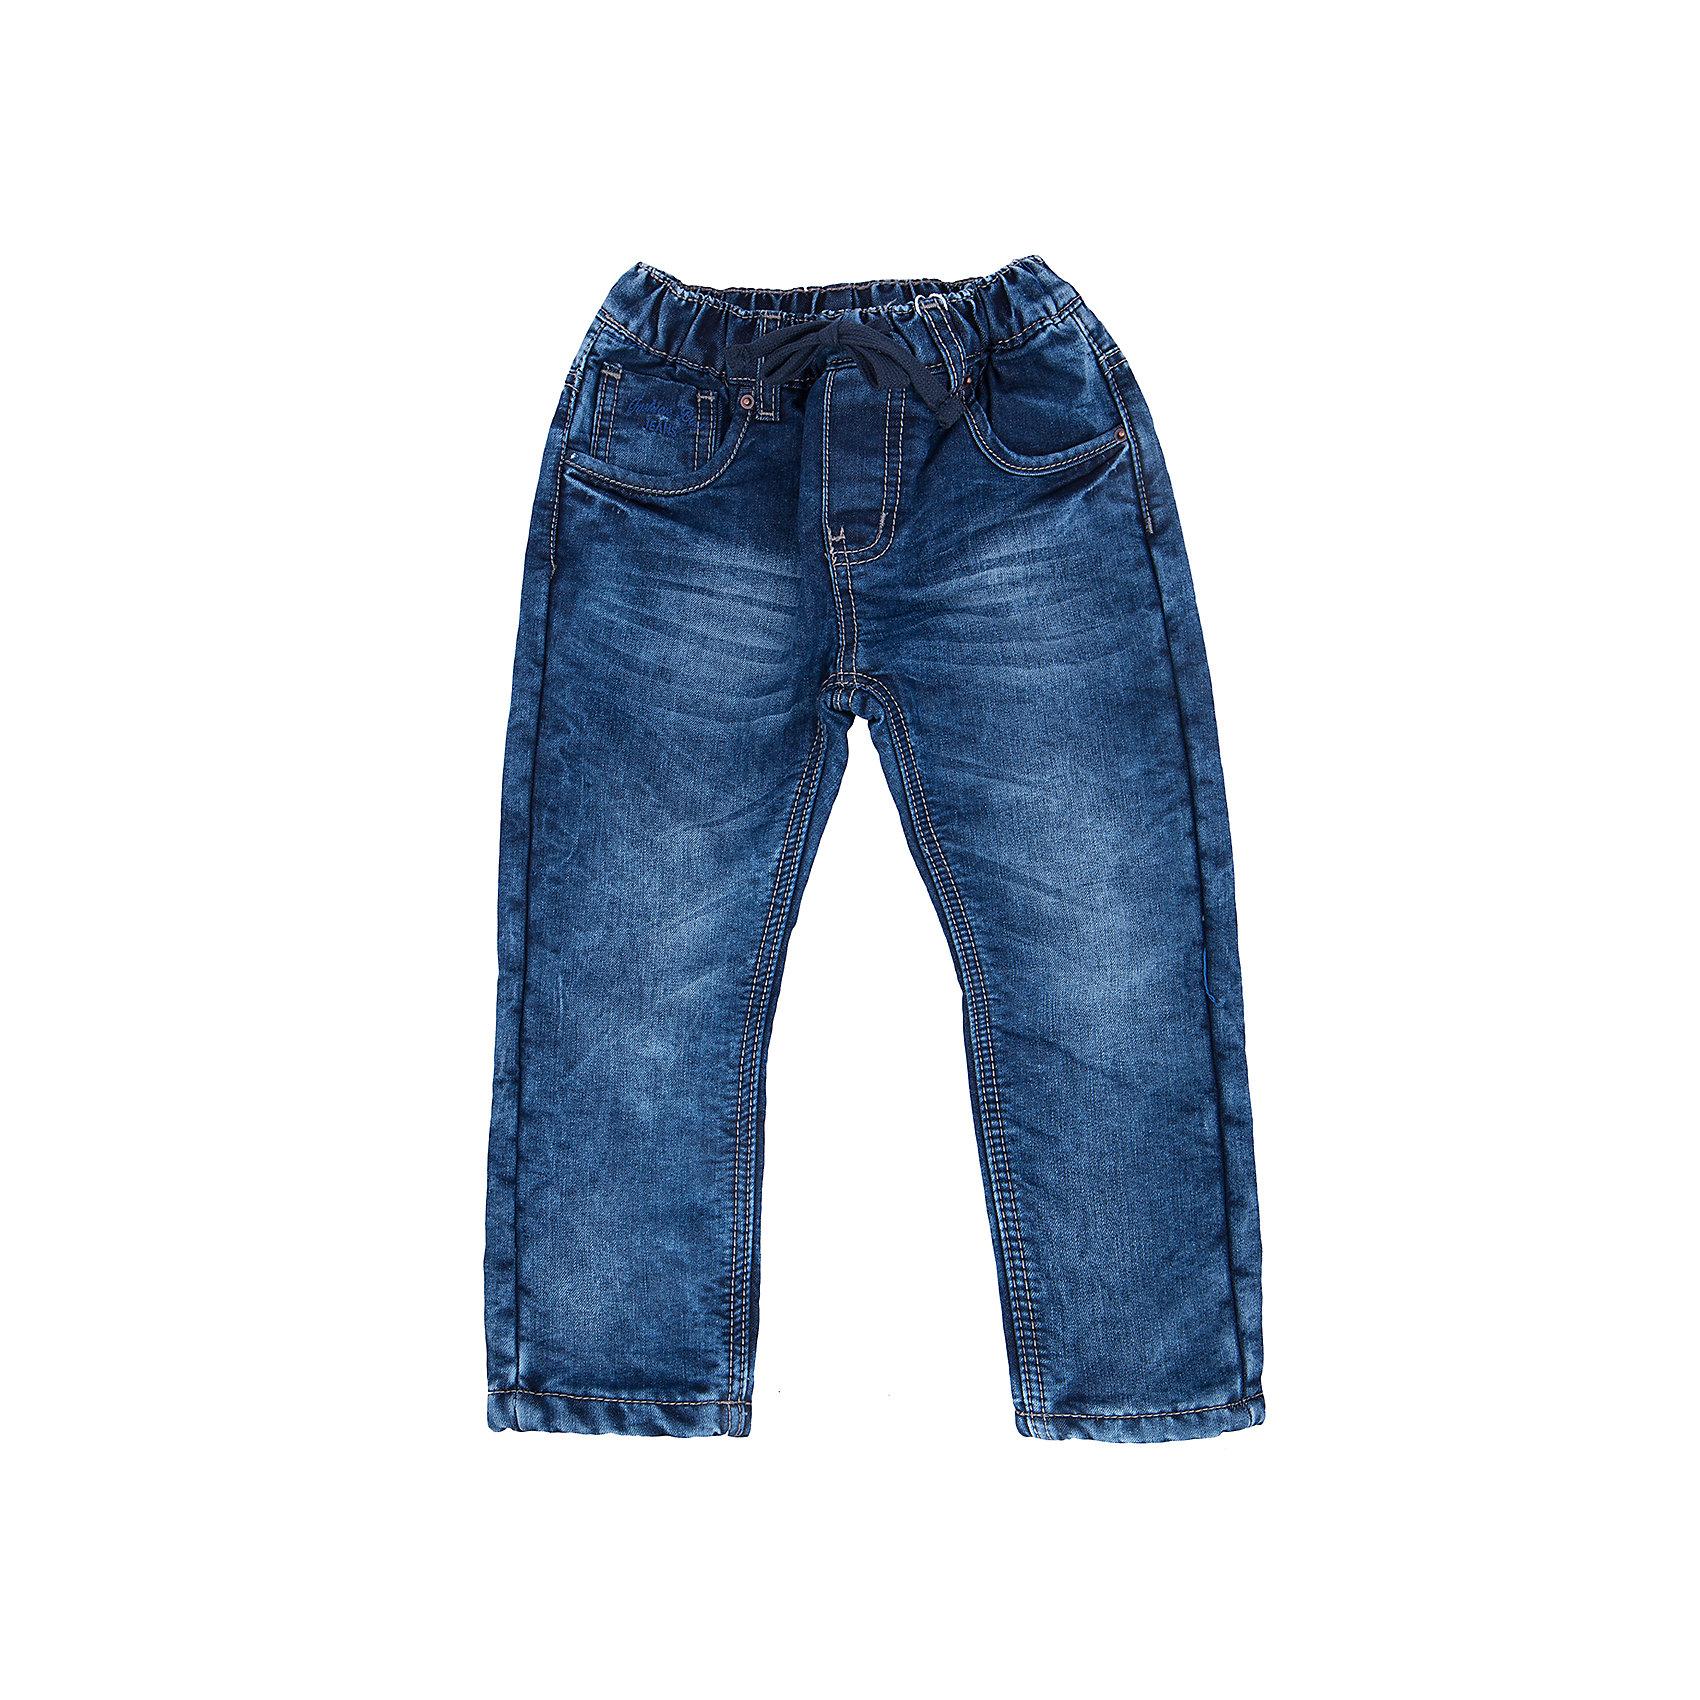 Джинсы для мальчика Sweet BerryТакая модель джинсов для мальчика отличается модным дизайном с контрастной прострочкой и потертостями. Удачный крой обеспечит ребенку комфорт и тепло. Мягкая и теплая подкладка делает вещь идеальной для прохладной погоды. Она плотно прилегает к телу там, где нужно, и отлично сидит по фигуре. Джинсы имеют удобный пояс с регулировкой внутри. Натуральный хлопок обеспечит коже возможность дышать и не вызовет аллергии.<br>Одежда от бренда Sweet Berry - это простой и выгодный способ одеть ребенка удобно и стильно. Всё изделия тщательно проработаны: швы - прочные, материал - качественный, фурнитура - подобранная специально для детей. <br><br>Дополнительная информация:<br><br>цвет: синий;<br>имитация потертостей;<br>материал: 100% хлопок, подкладка - 100% полиэстер (флис);<br>пояс с регулировкой внутри.<br><br>Джинсы для мальчика от бренда Sweet Berry можно купить в нашем интернет-магазине.<br><br>Ширина мм: 215<br>Глубина мм: 88<br>Высота мм: 191<br>Вес г: 336<br>Цвет: синий<br>Возраст от месяцев: 24<br>Возраст до месяцев: 36<br>Пол: Мужской<br>Возраст: Детский<br>Размер: 98,104,110,116,122,128<br>SKU: 4930683